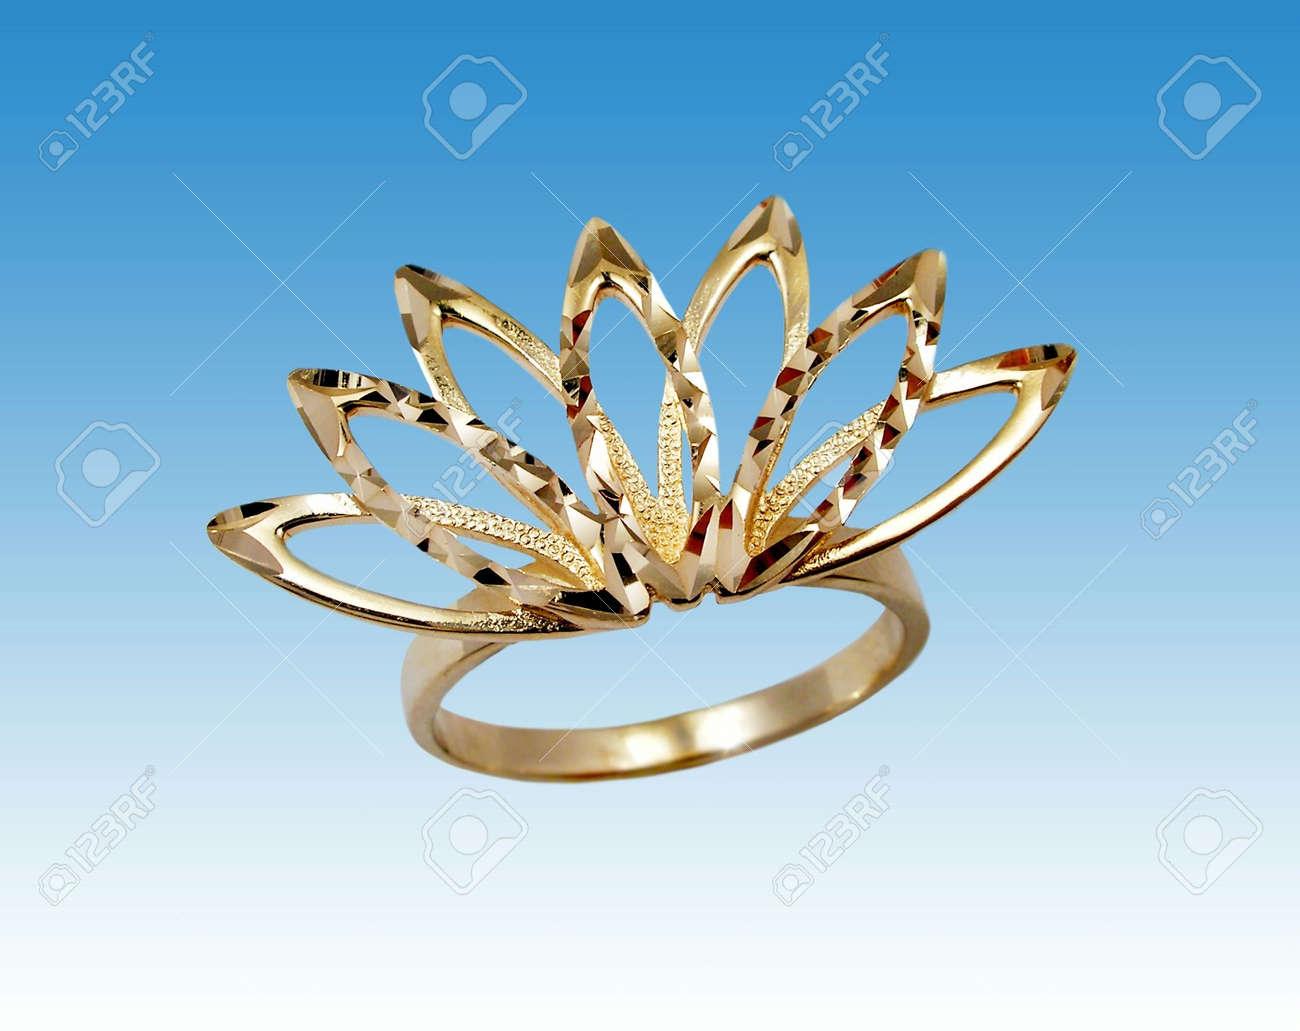 Golden ring Stock Photo - 899020